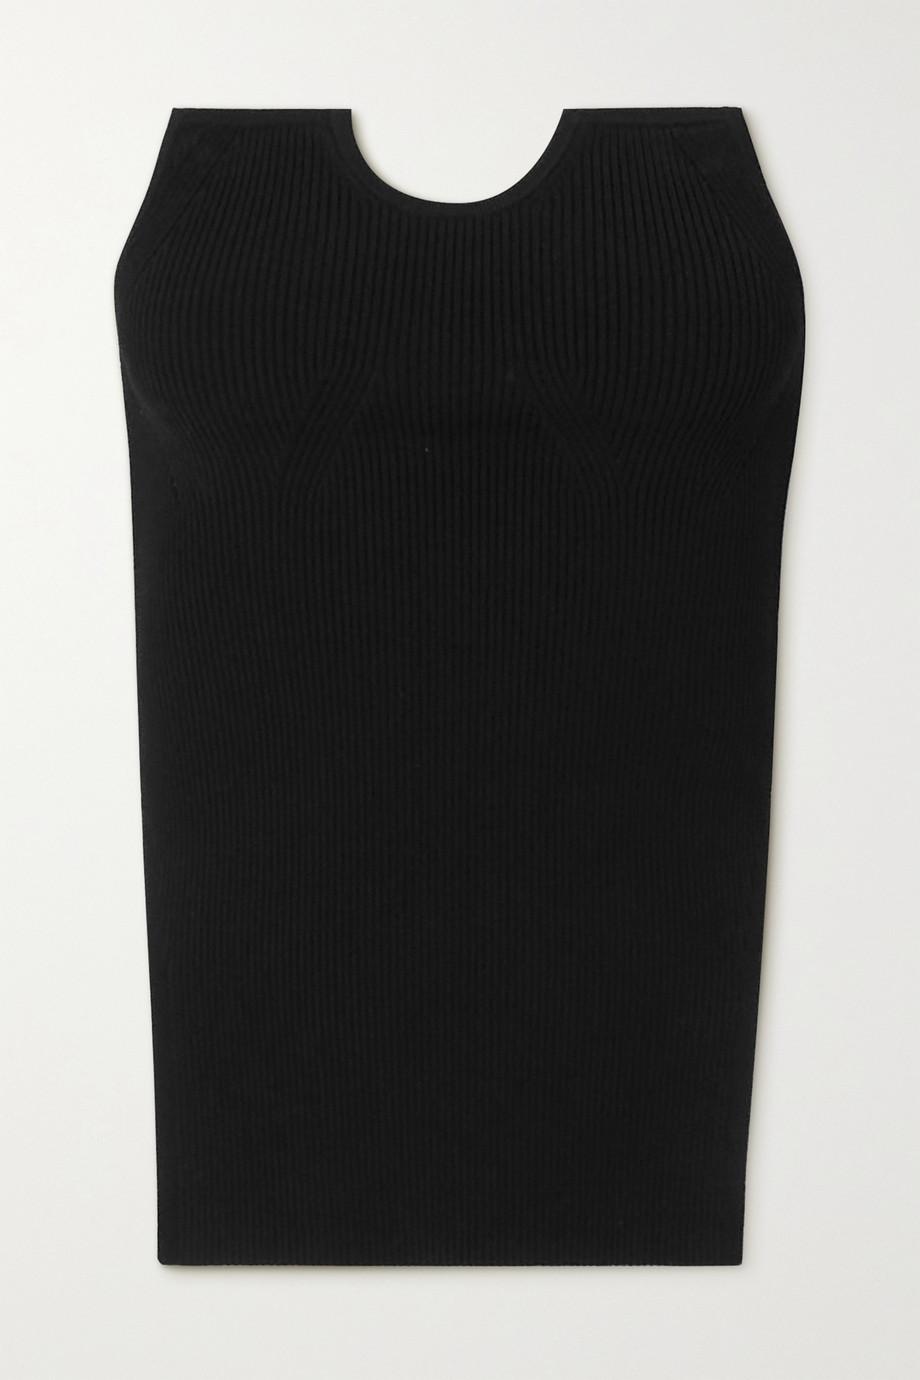 Tibi Haut bustier asymétrique en mailles stretch côtelées Giselle